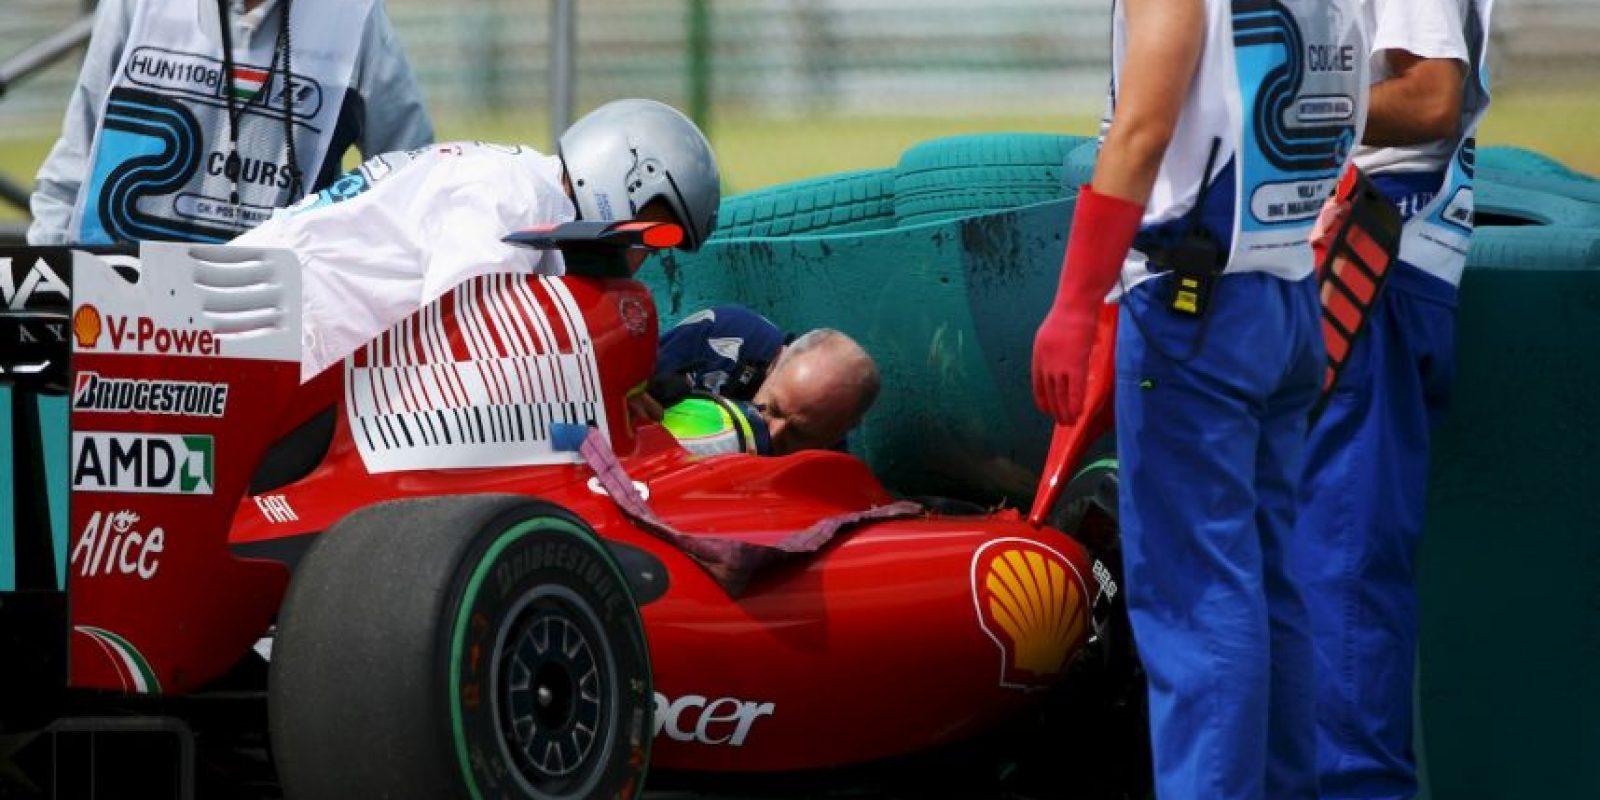 Después se sabría que la causa del accidente fue la presencia de una pieza del monoplaza de Rubens Barrichello (Brown), que se impactó en el caso del brasileño que terminó con conmoción cerebral y una lesión en el ojo que le impidieron seguir compitiendo el resto de la temporada. Foto:Getty Images